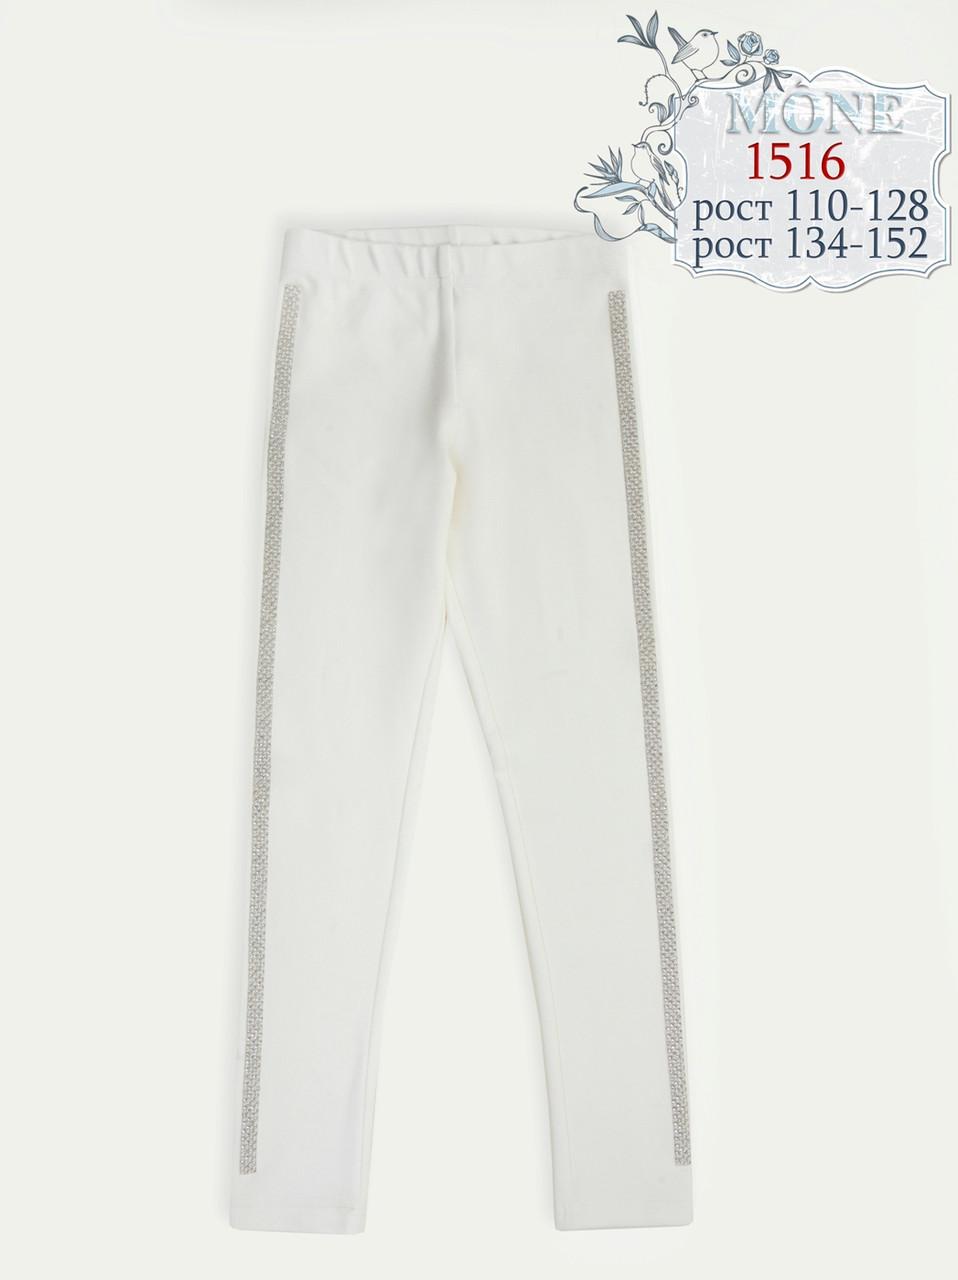 Белые брюки  для девочки ТМ МОНЕ р-р 134